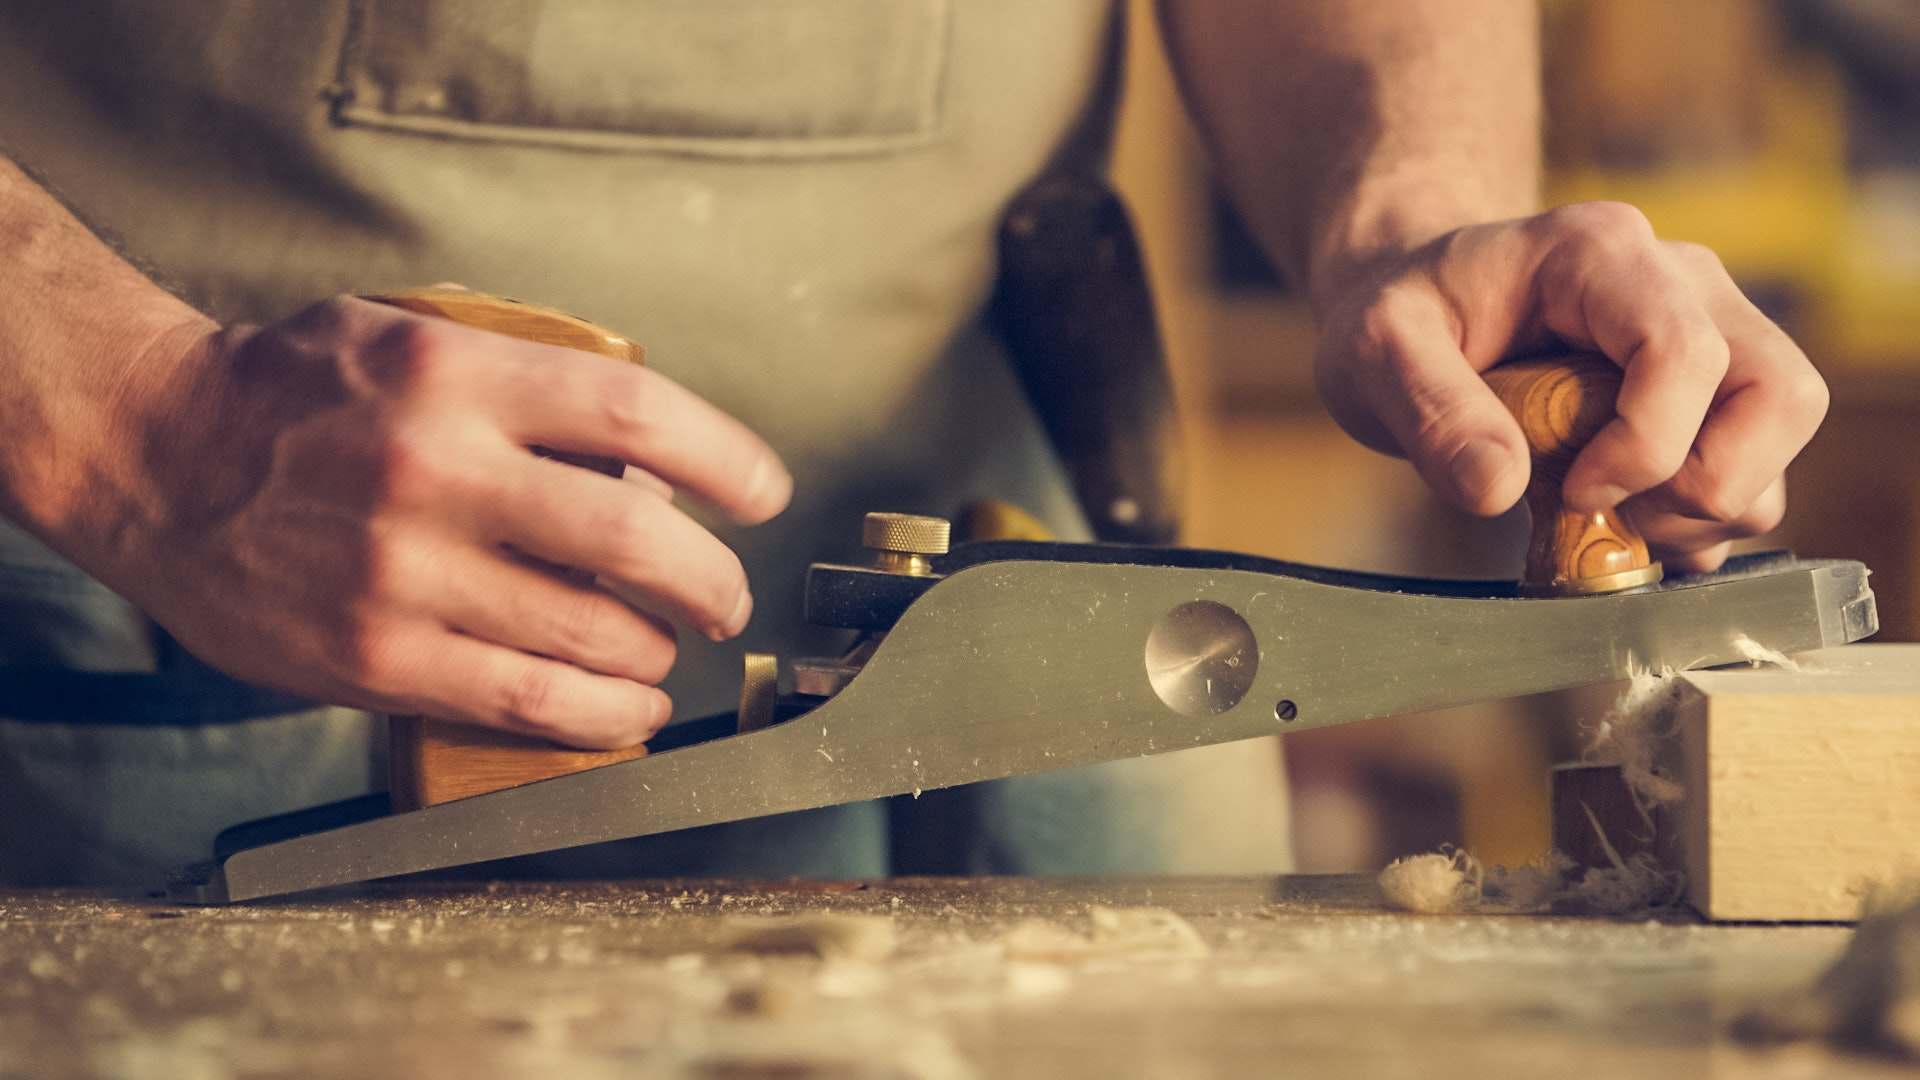 carpenter-hands-indoors-374861